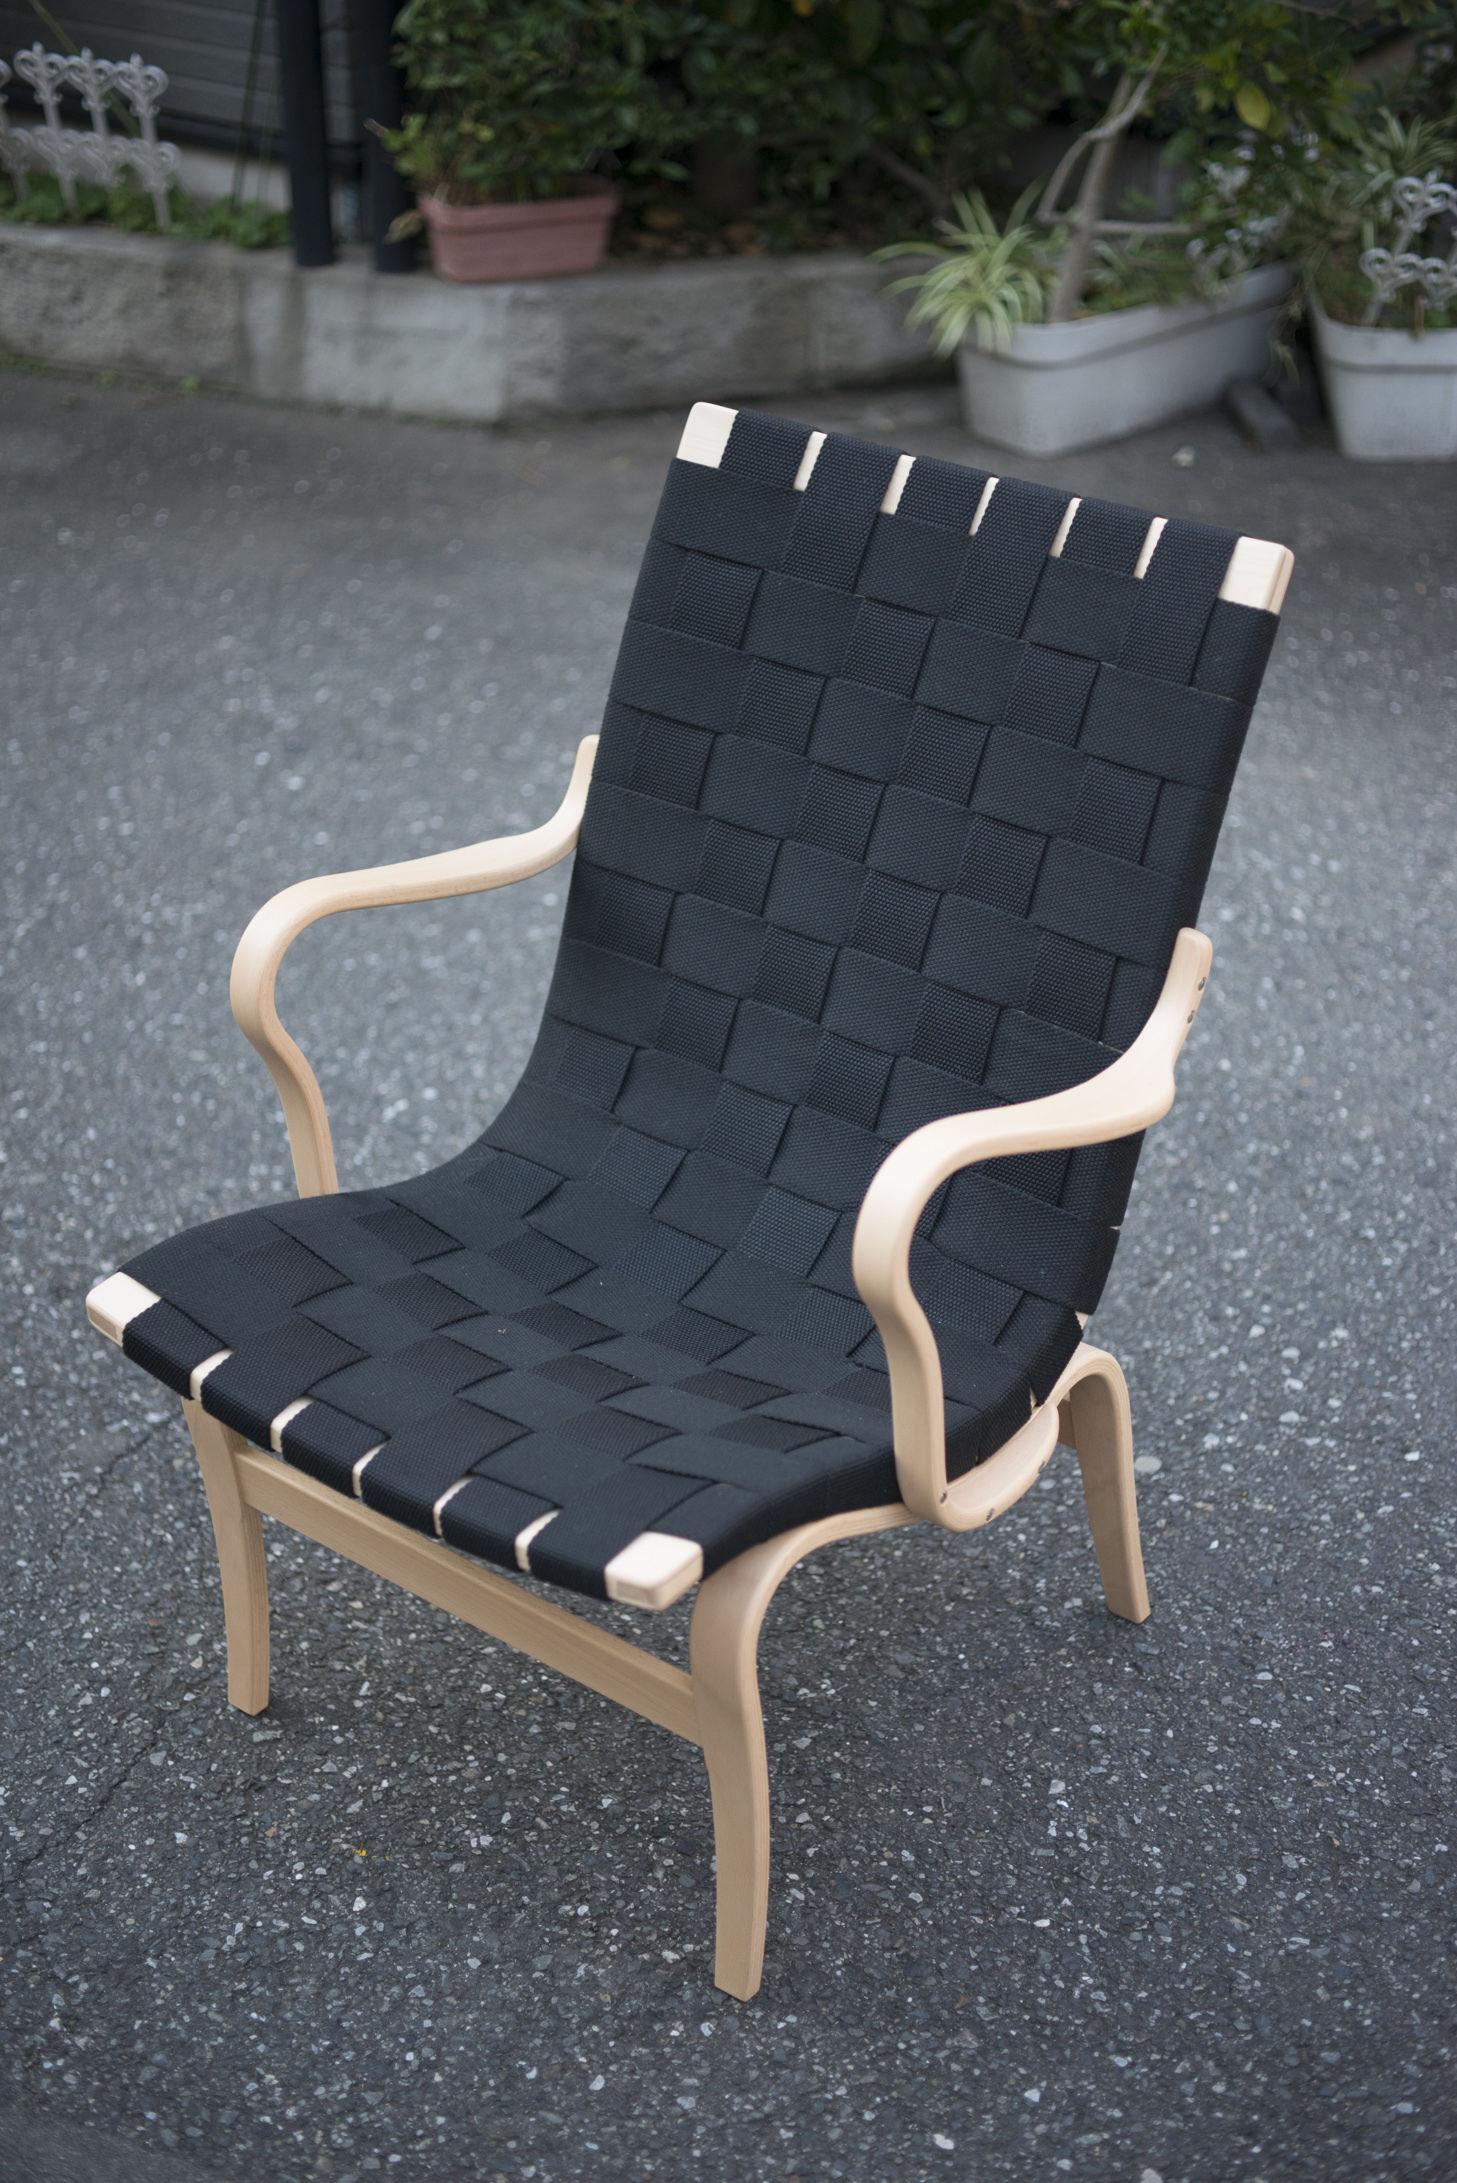 EVA(armchair)   エヴァ(アームチェア) 価格はお問い合わせくださいませ。